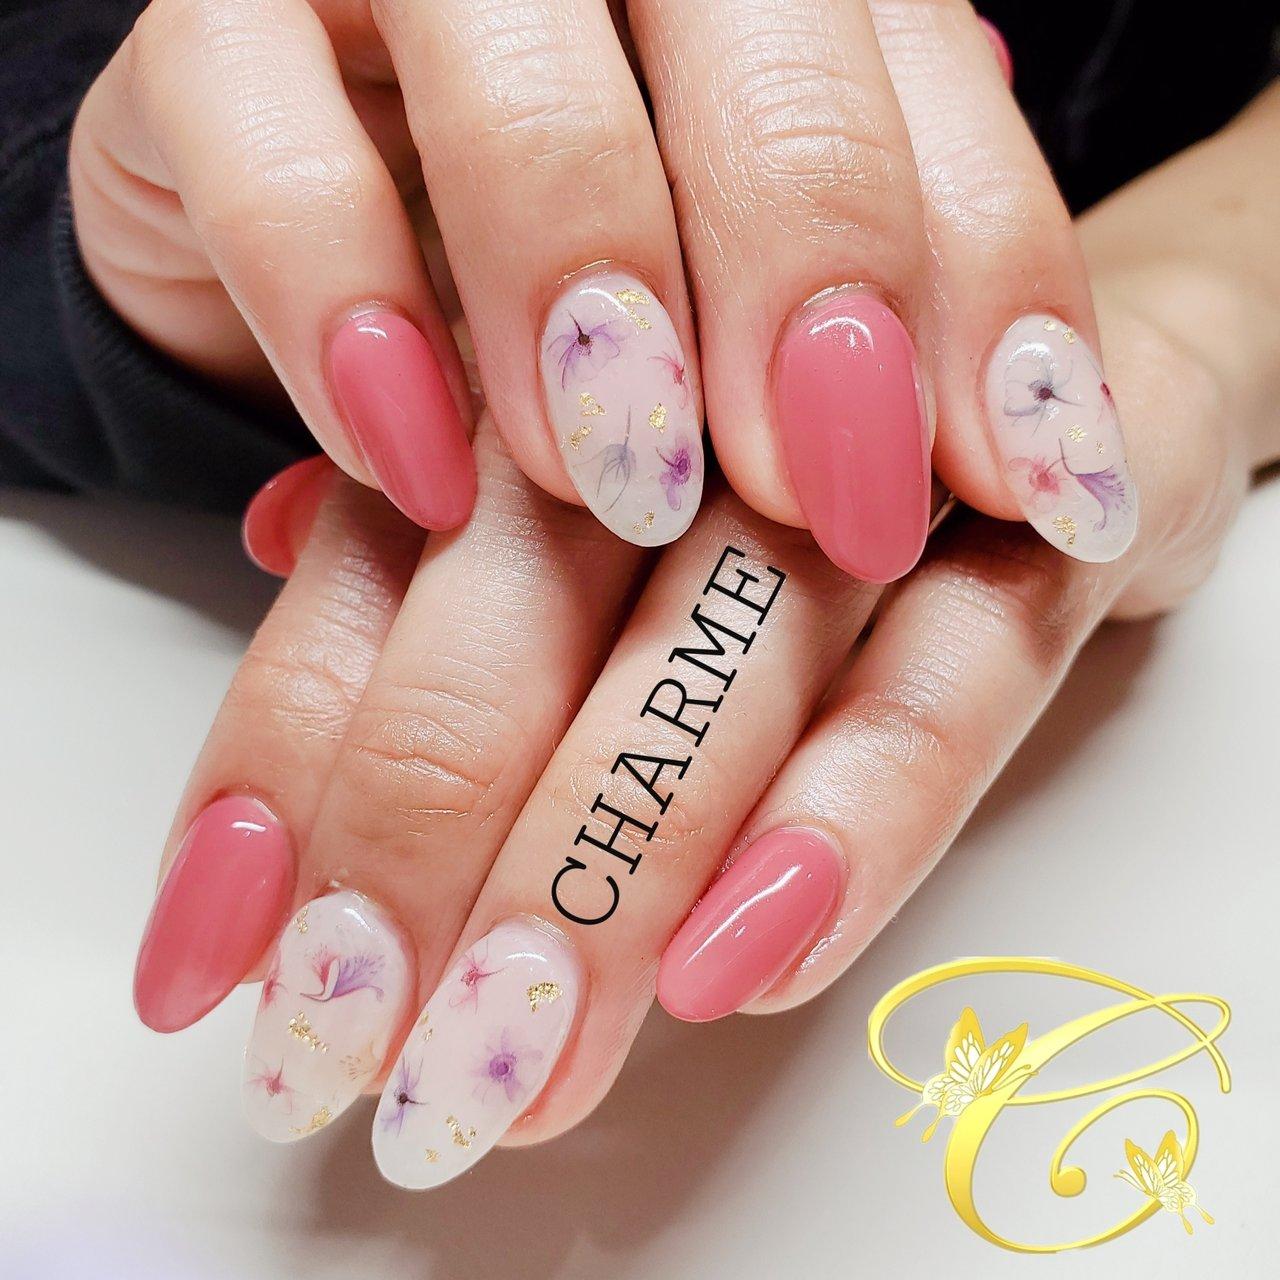 卒園式・入学式で着物をお召になるという事で 着物にも普段着にも合うようにデザインしました☻ 春らしいピンクとお花を使いたいという事で ベースホワイト塗布の上にお花を重ねて 上品に仕上がる様に施術❥ #春 #入学式 #女子会 #ハンド #シンプル #ワンカラー #フラワー #ミディアム #ホワイト #ピンク #ジェル #お客様 #CHARME #ネイルブック